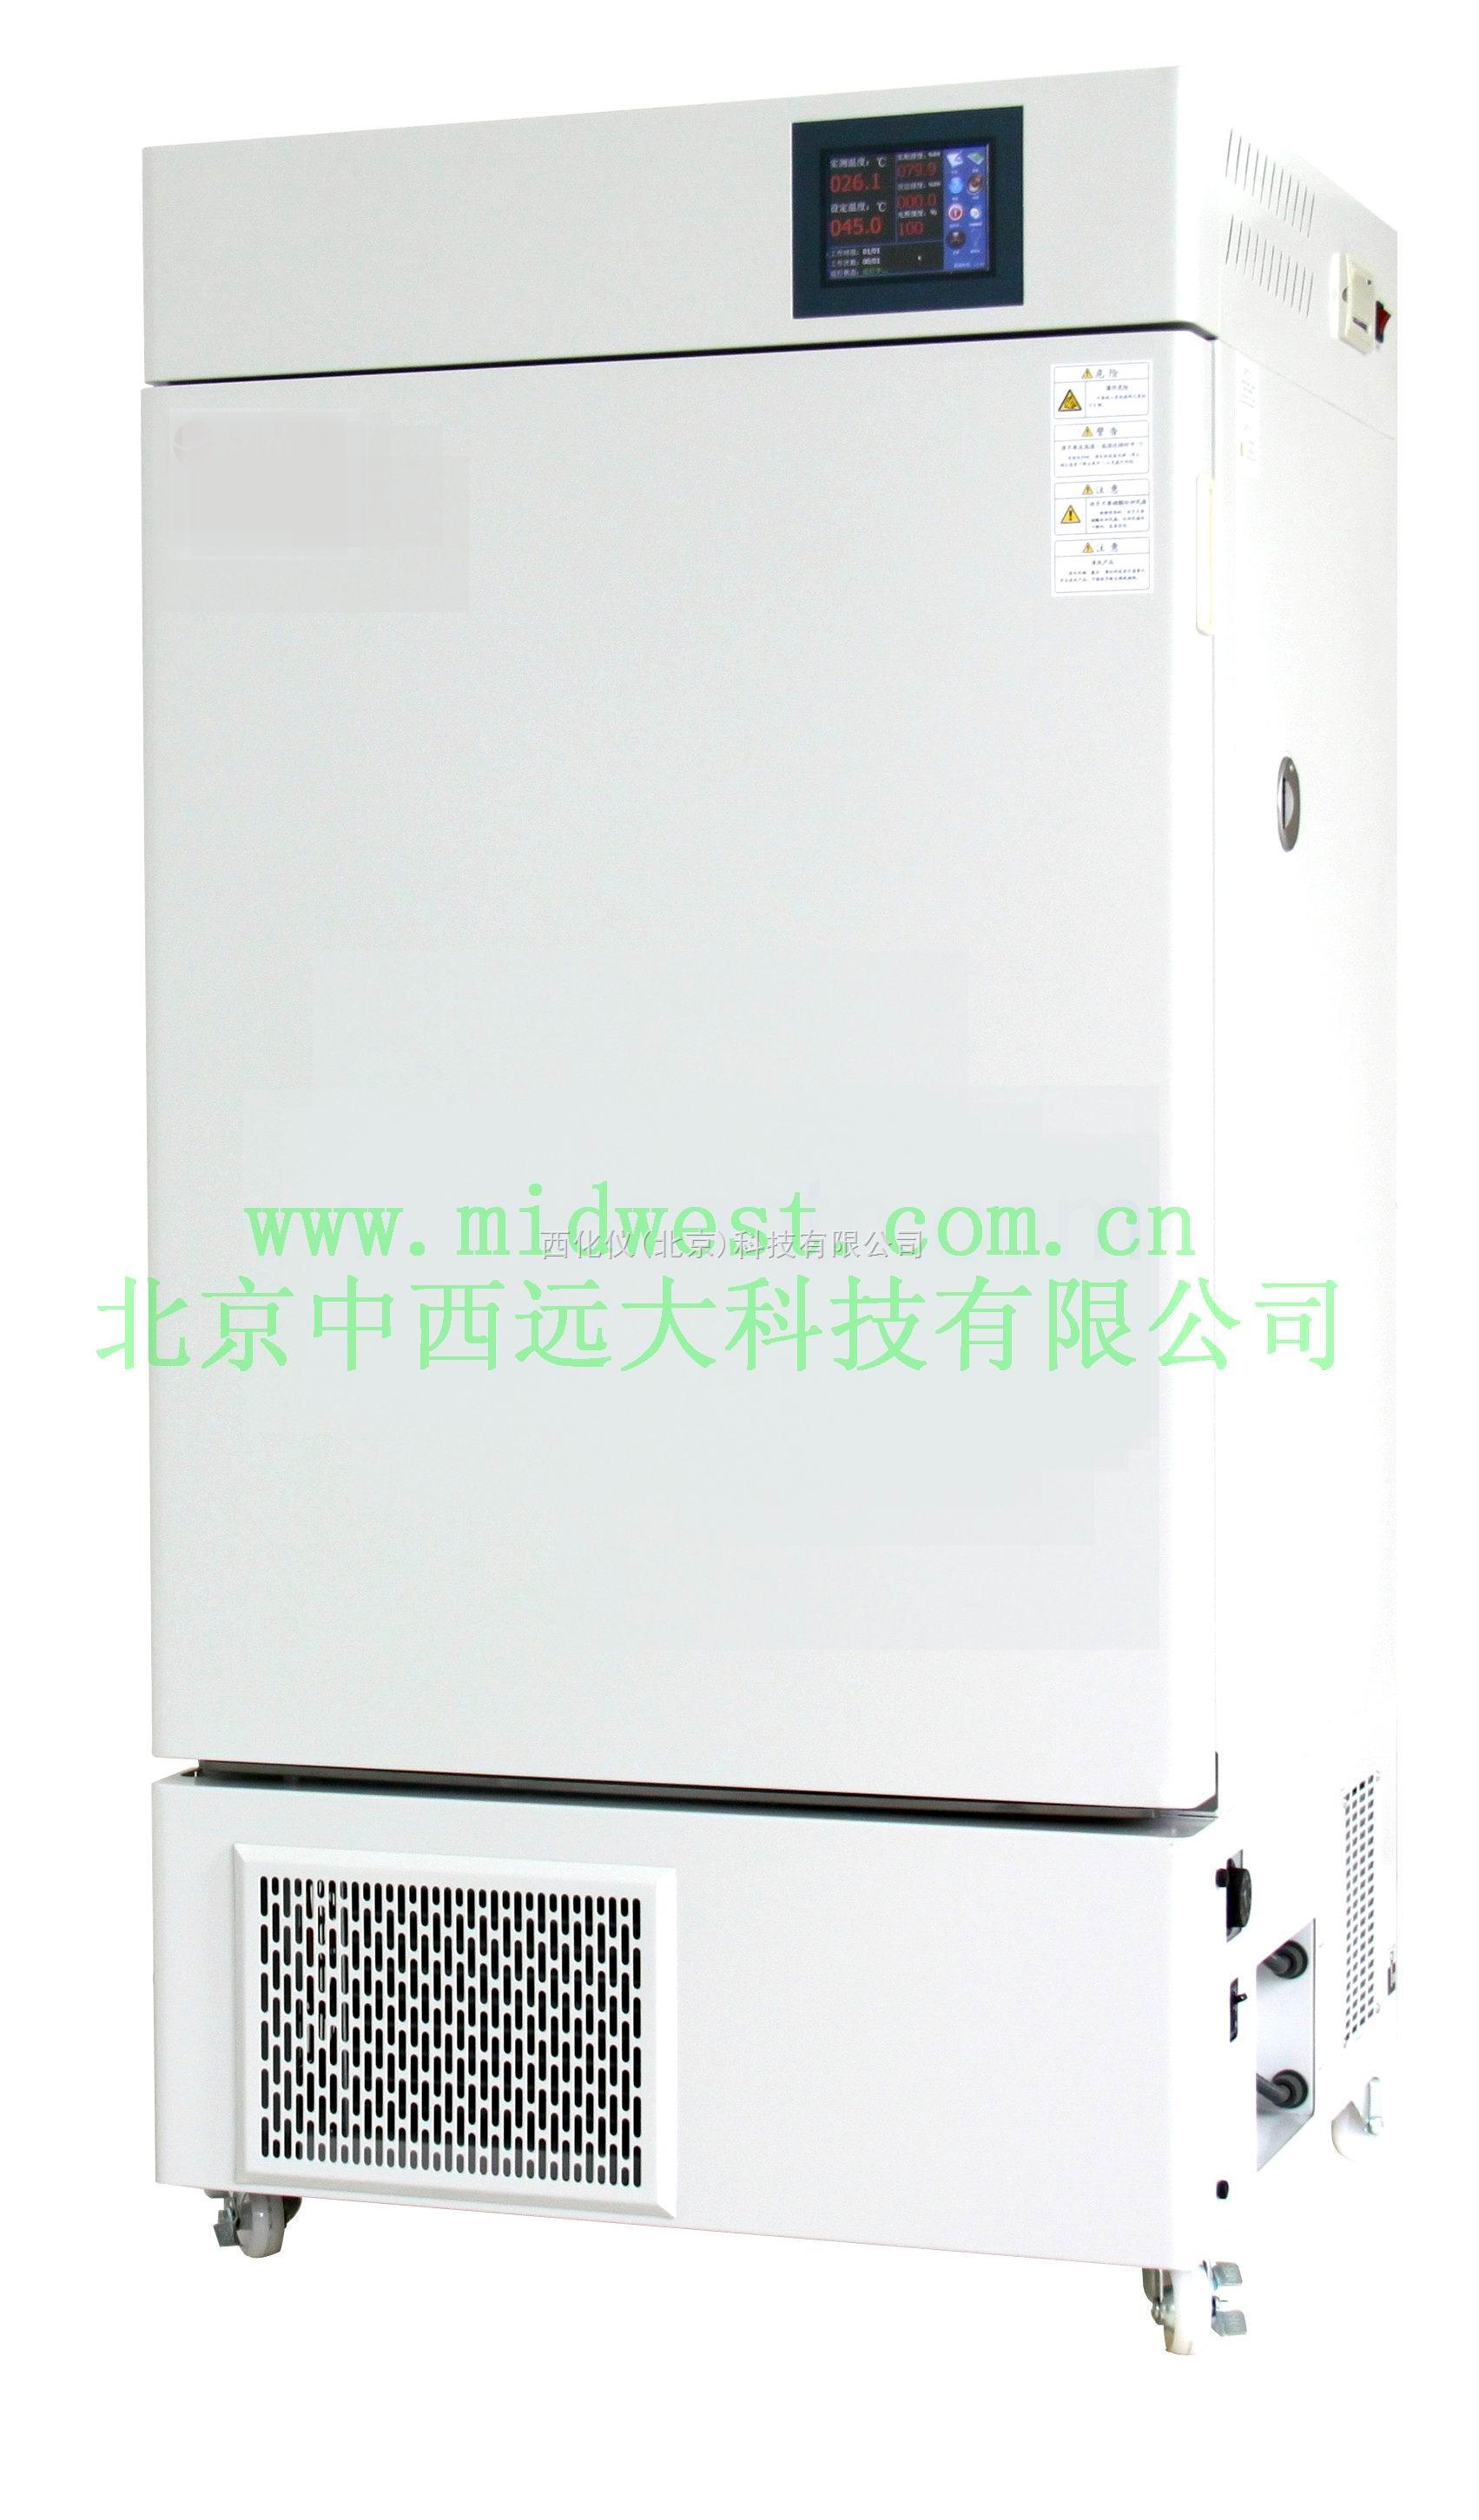 药品稳定性试验箱/恒温恒湿培养箱(低配、液晶屏) 型号:HS59ST/MTC-250